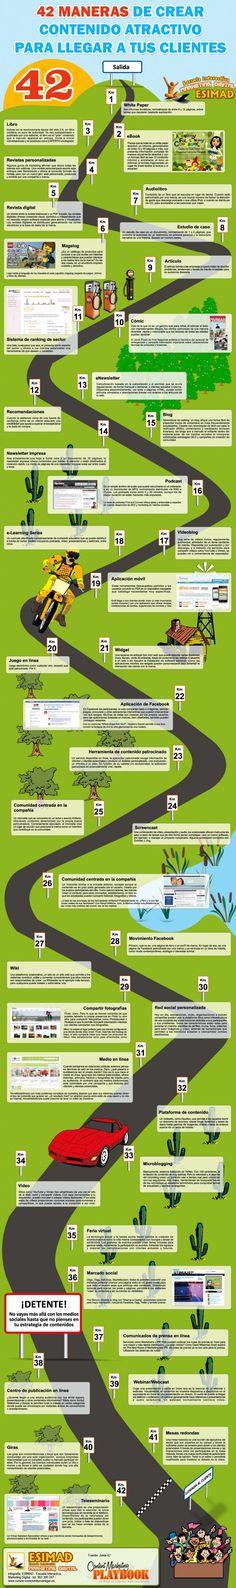 42 maneras de crear contenido atractivo para llegar a tus clientes #infografia #Pinterest Vía @elblogdegerman